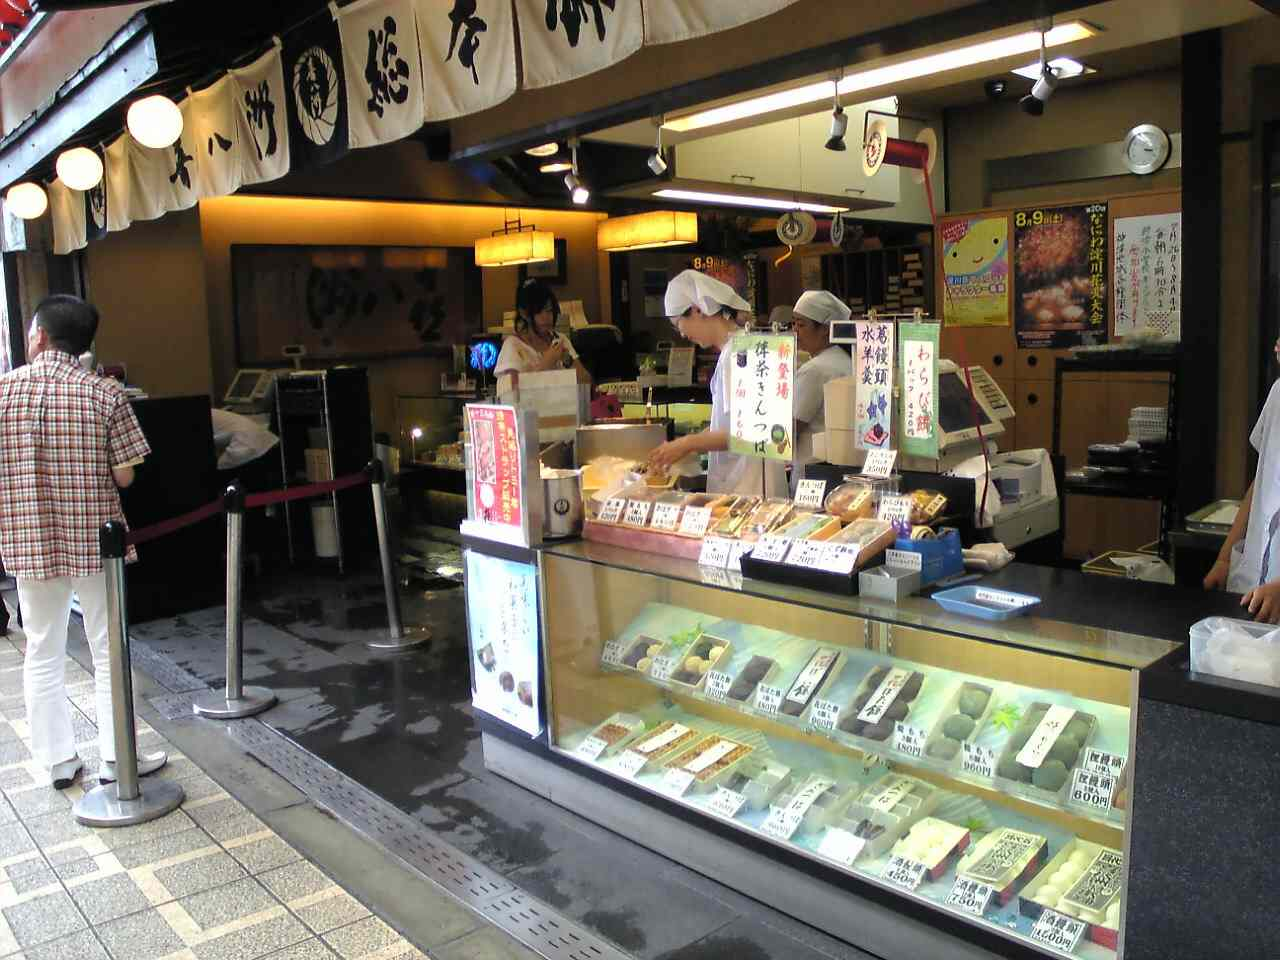 http://pds2.exblog.jp/pds/1/200808/12/89/f0109989_2320381.jpg